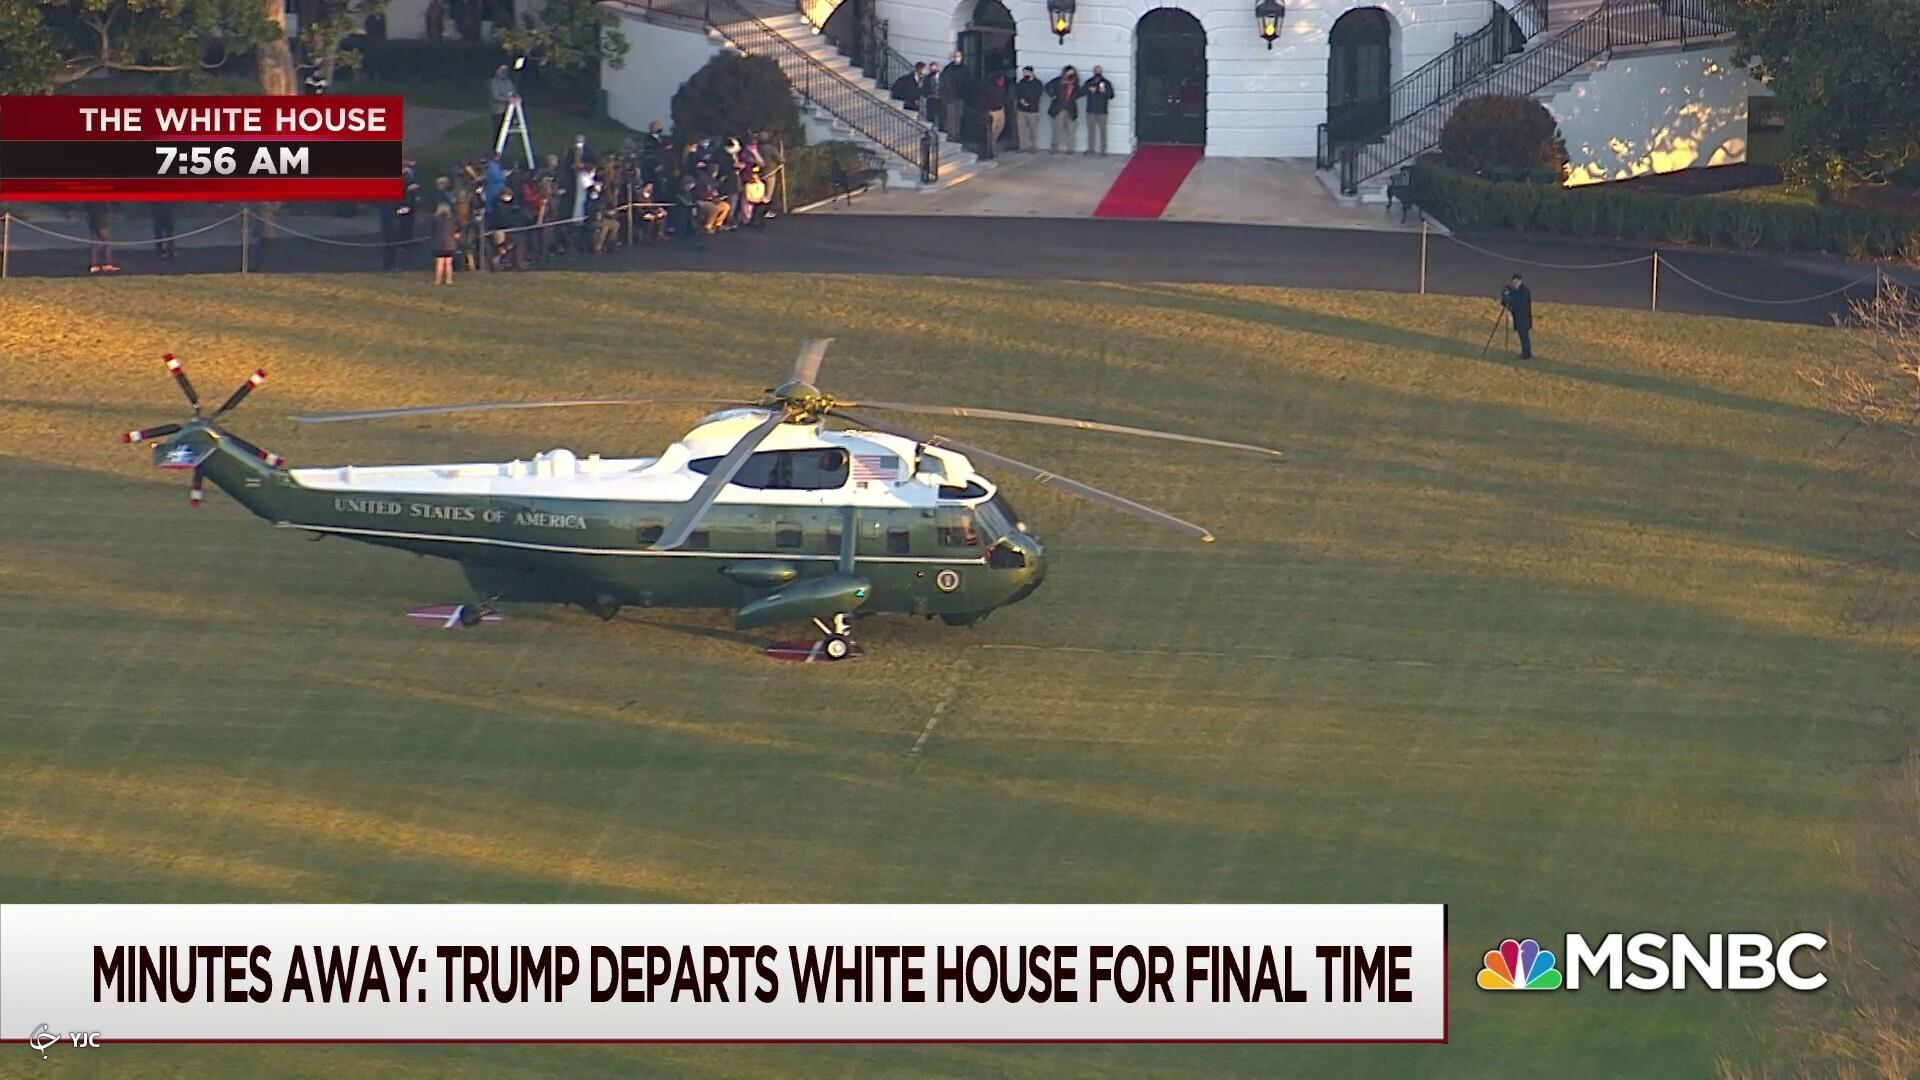 ترامپ کاخ سفید رو ترک کرد